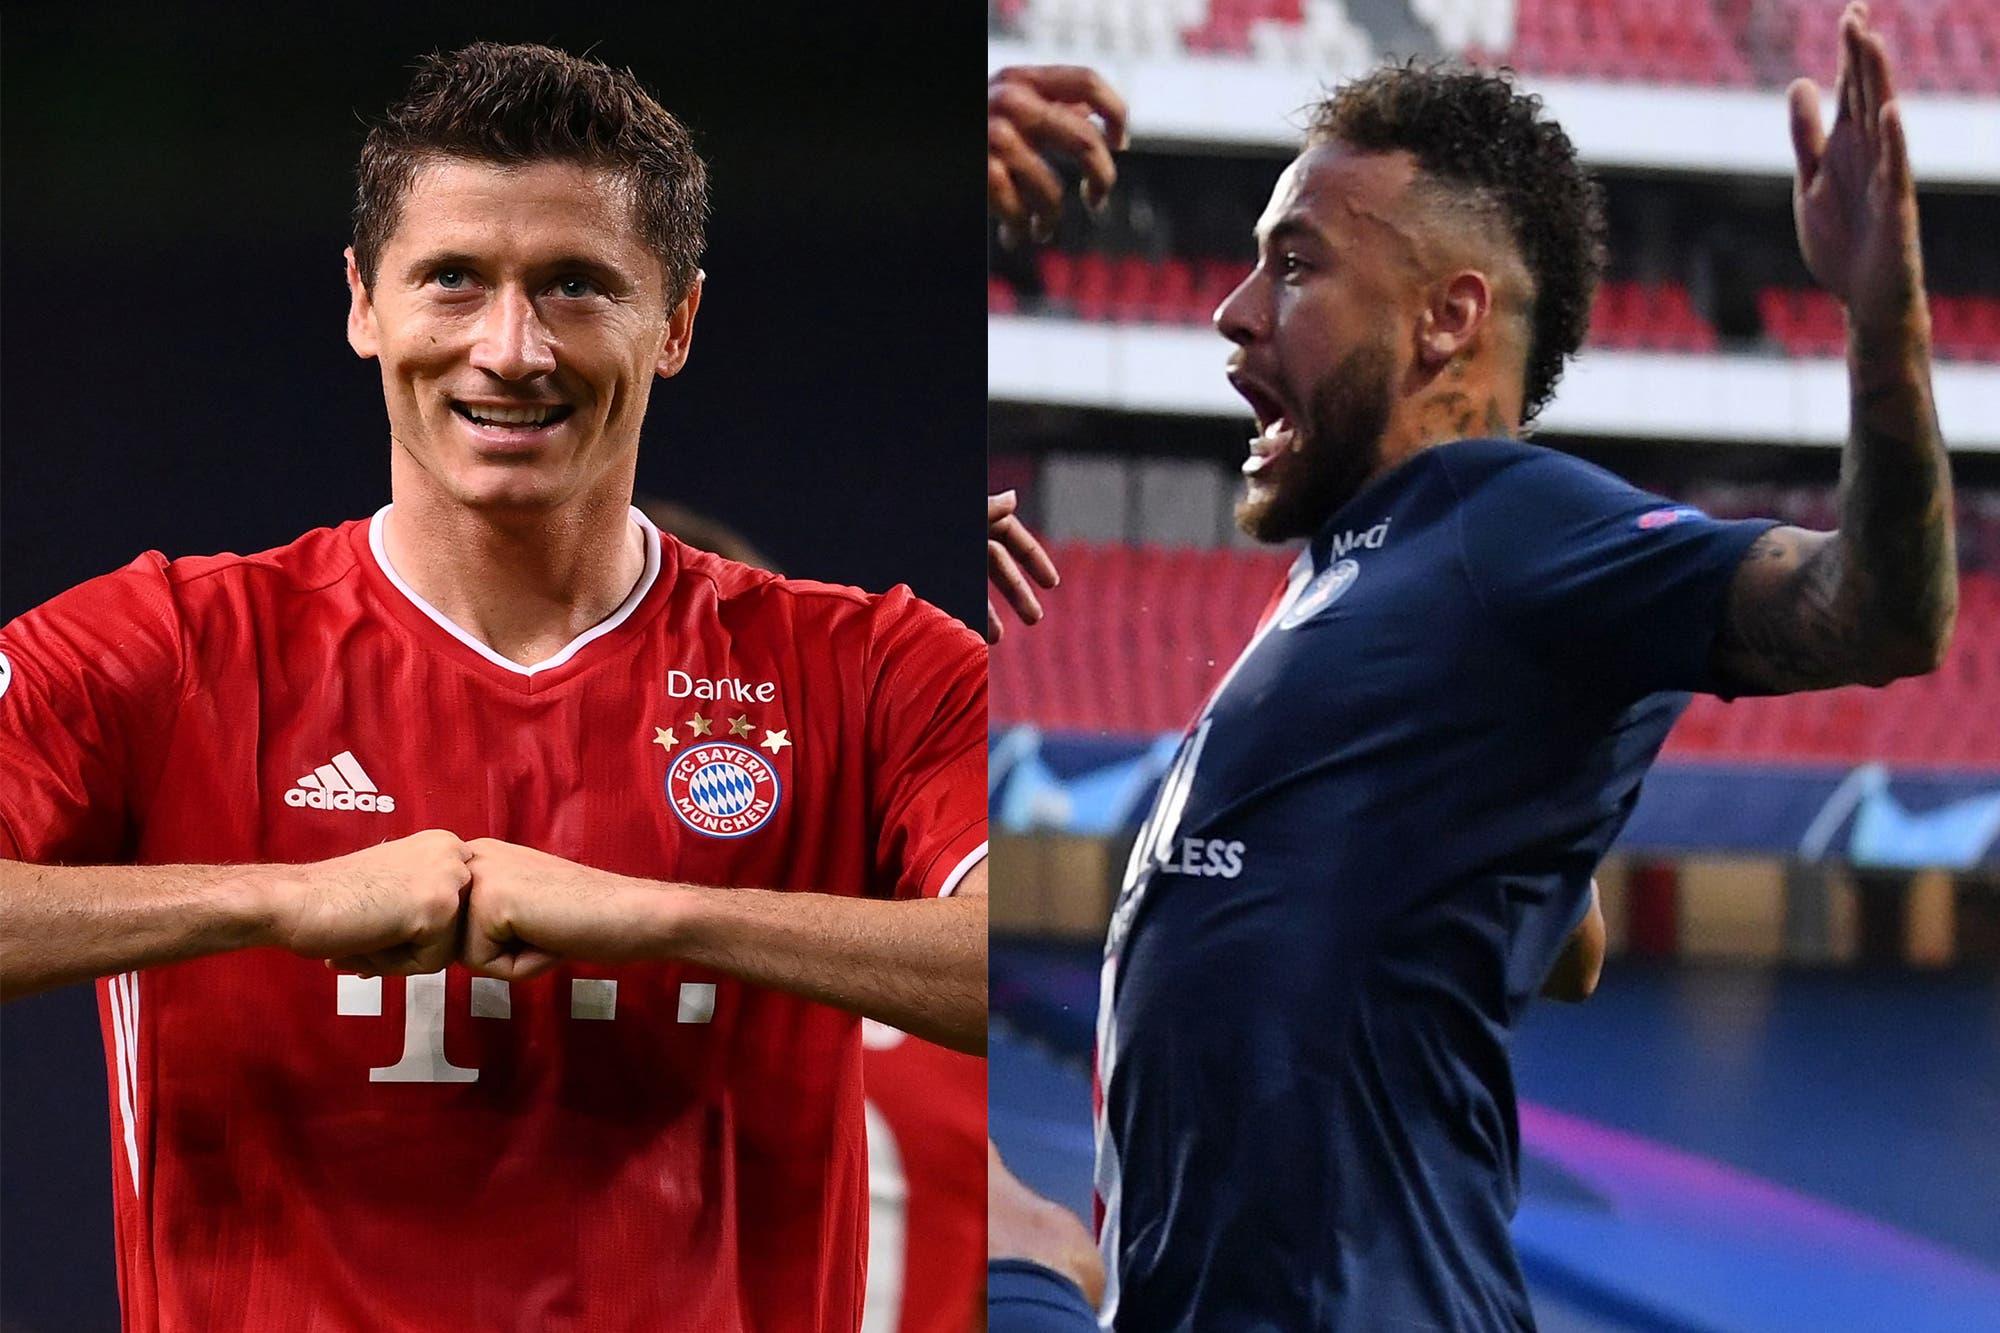 Bayern Munich-PSG, la final de la Champions League: día, horario y TV de la definición en Lisboa, Portugal